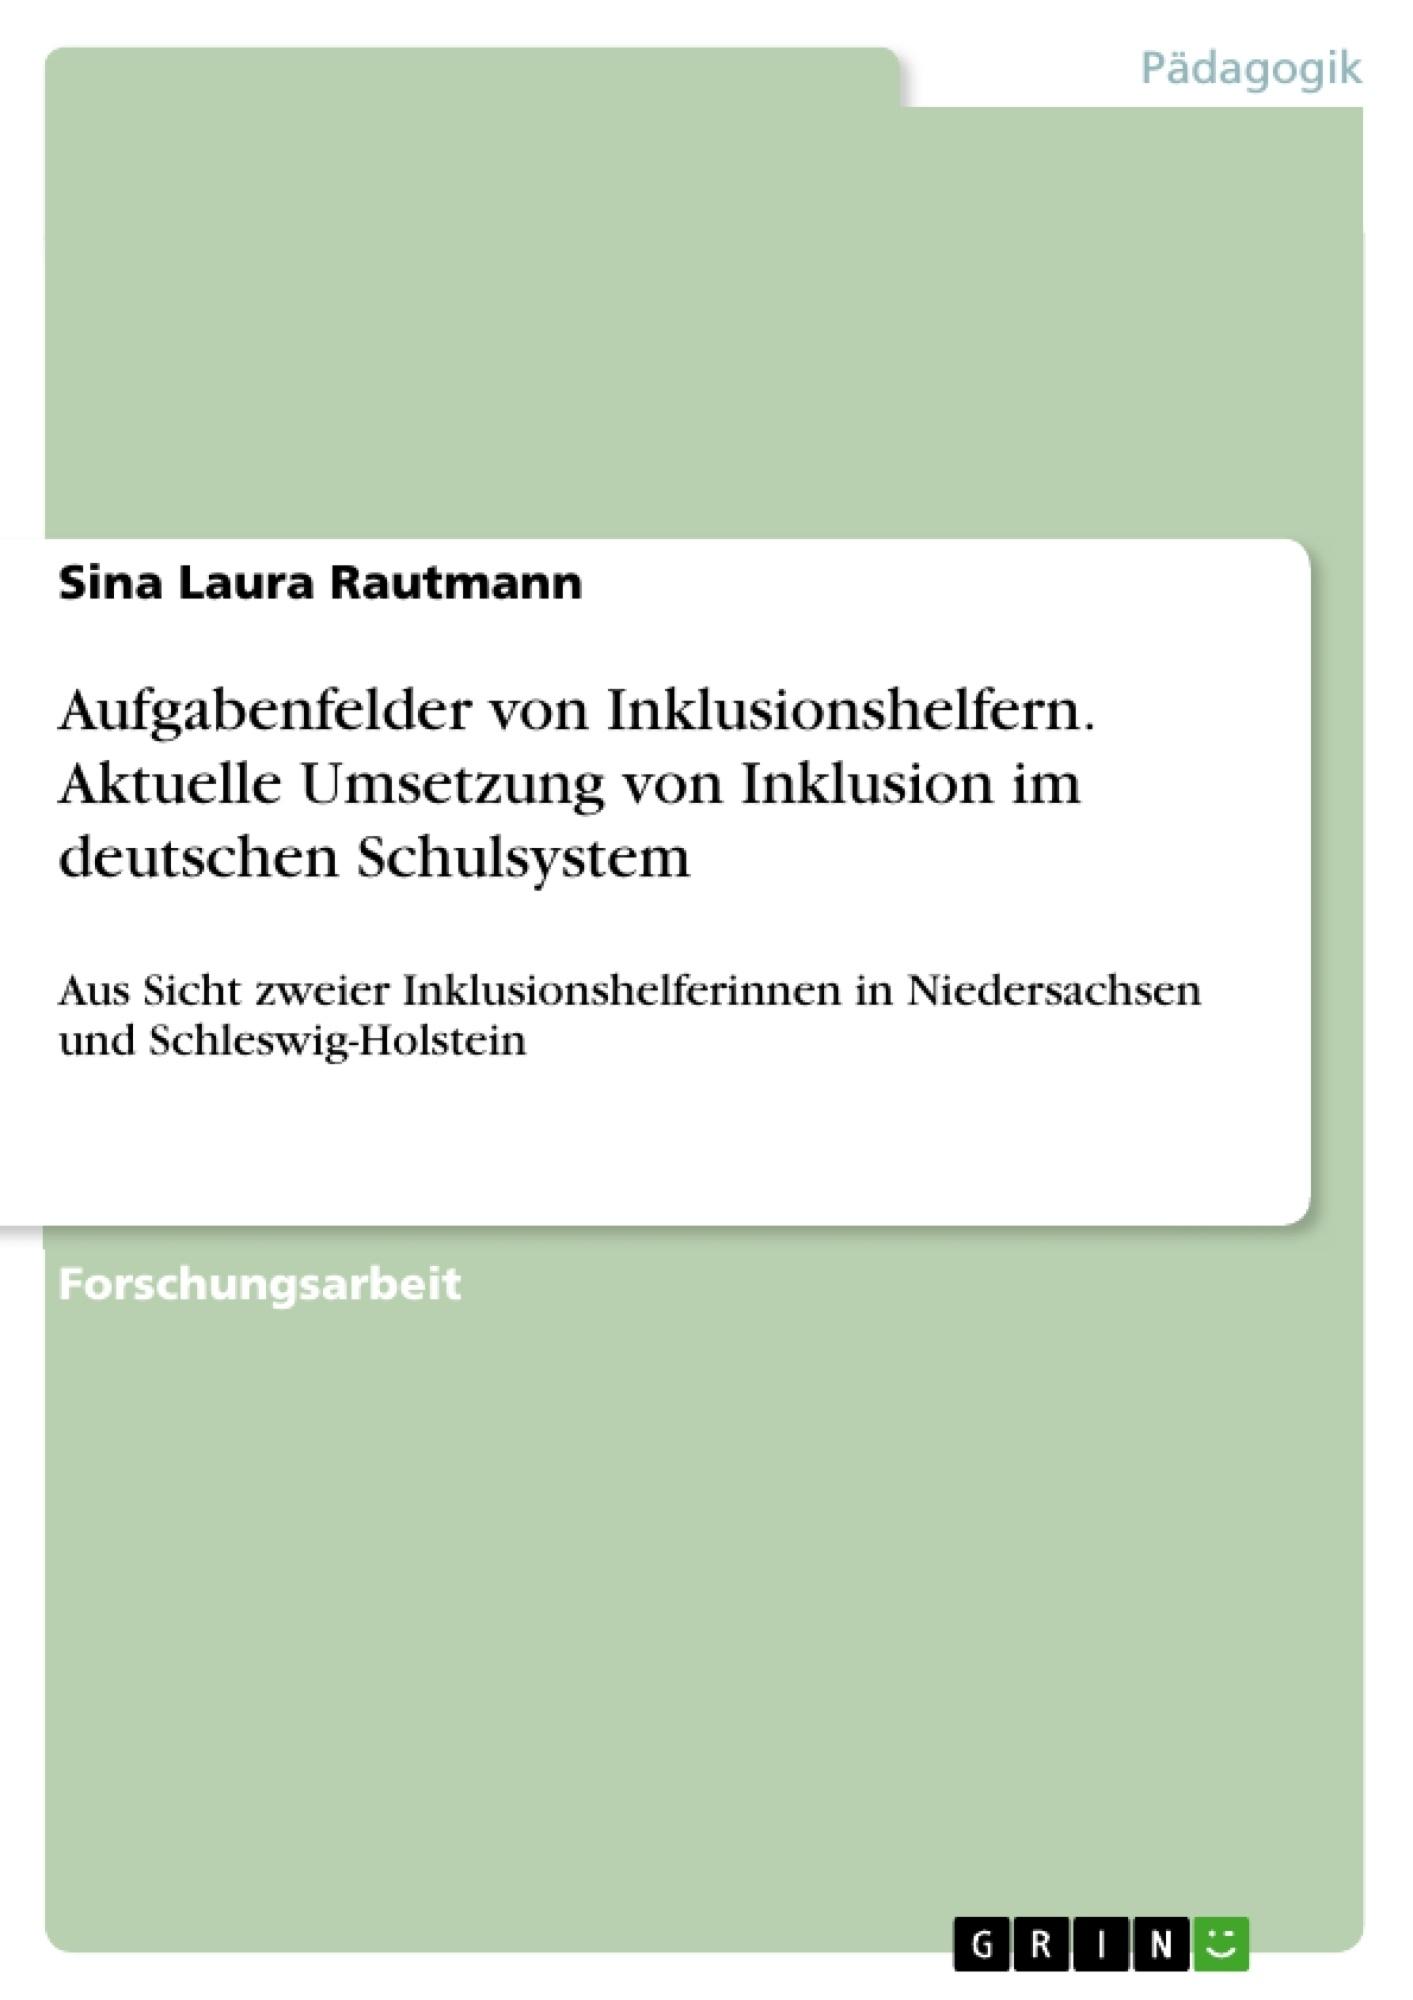 Titel: Aufgabenfelder von Inklusionshelfern. Aktuelle Umsetzung von Inklusion im deutschen Schulsystem